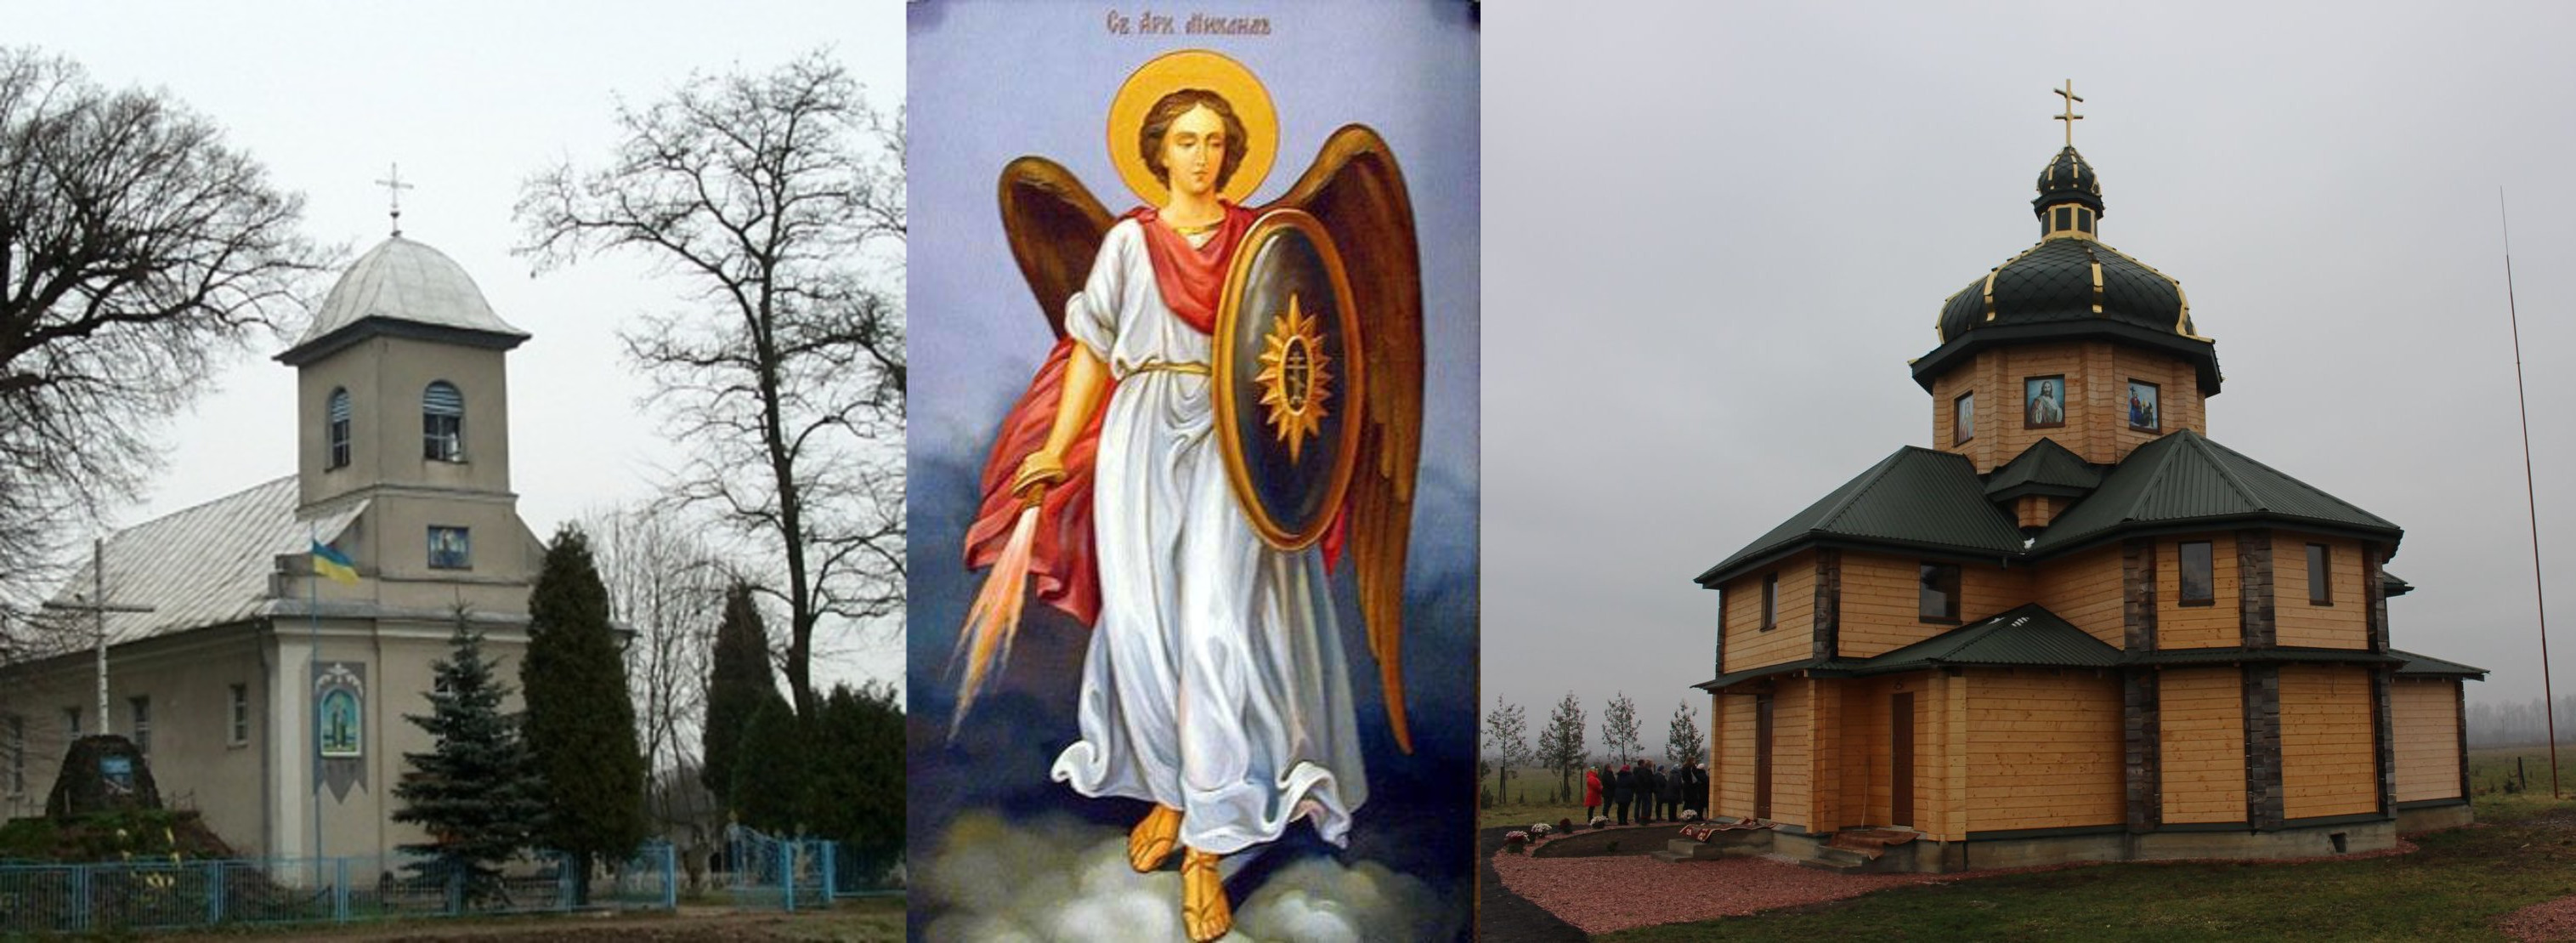 vitannia Bohdana Yuzviaka z khramovym sviatom parafiian s. Kalyniv